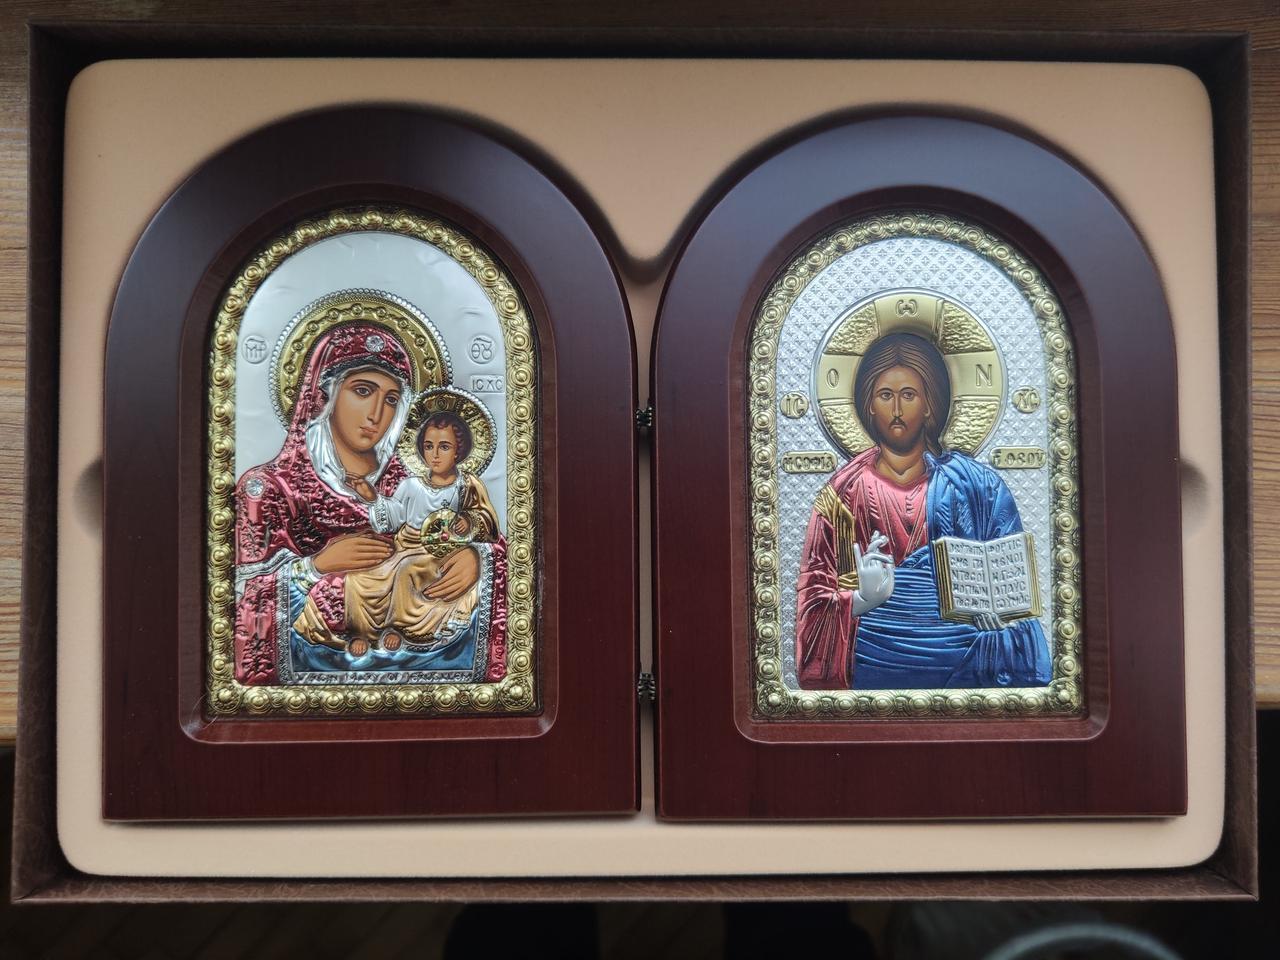 Пара икона Ерусалимская Богородица и Иисуса  10х14см  серебряный оклад украшеный разноцветной ємалью